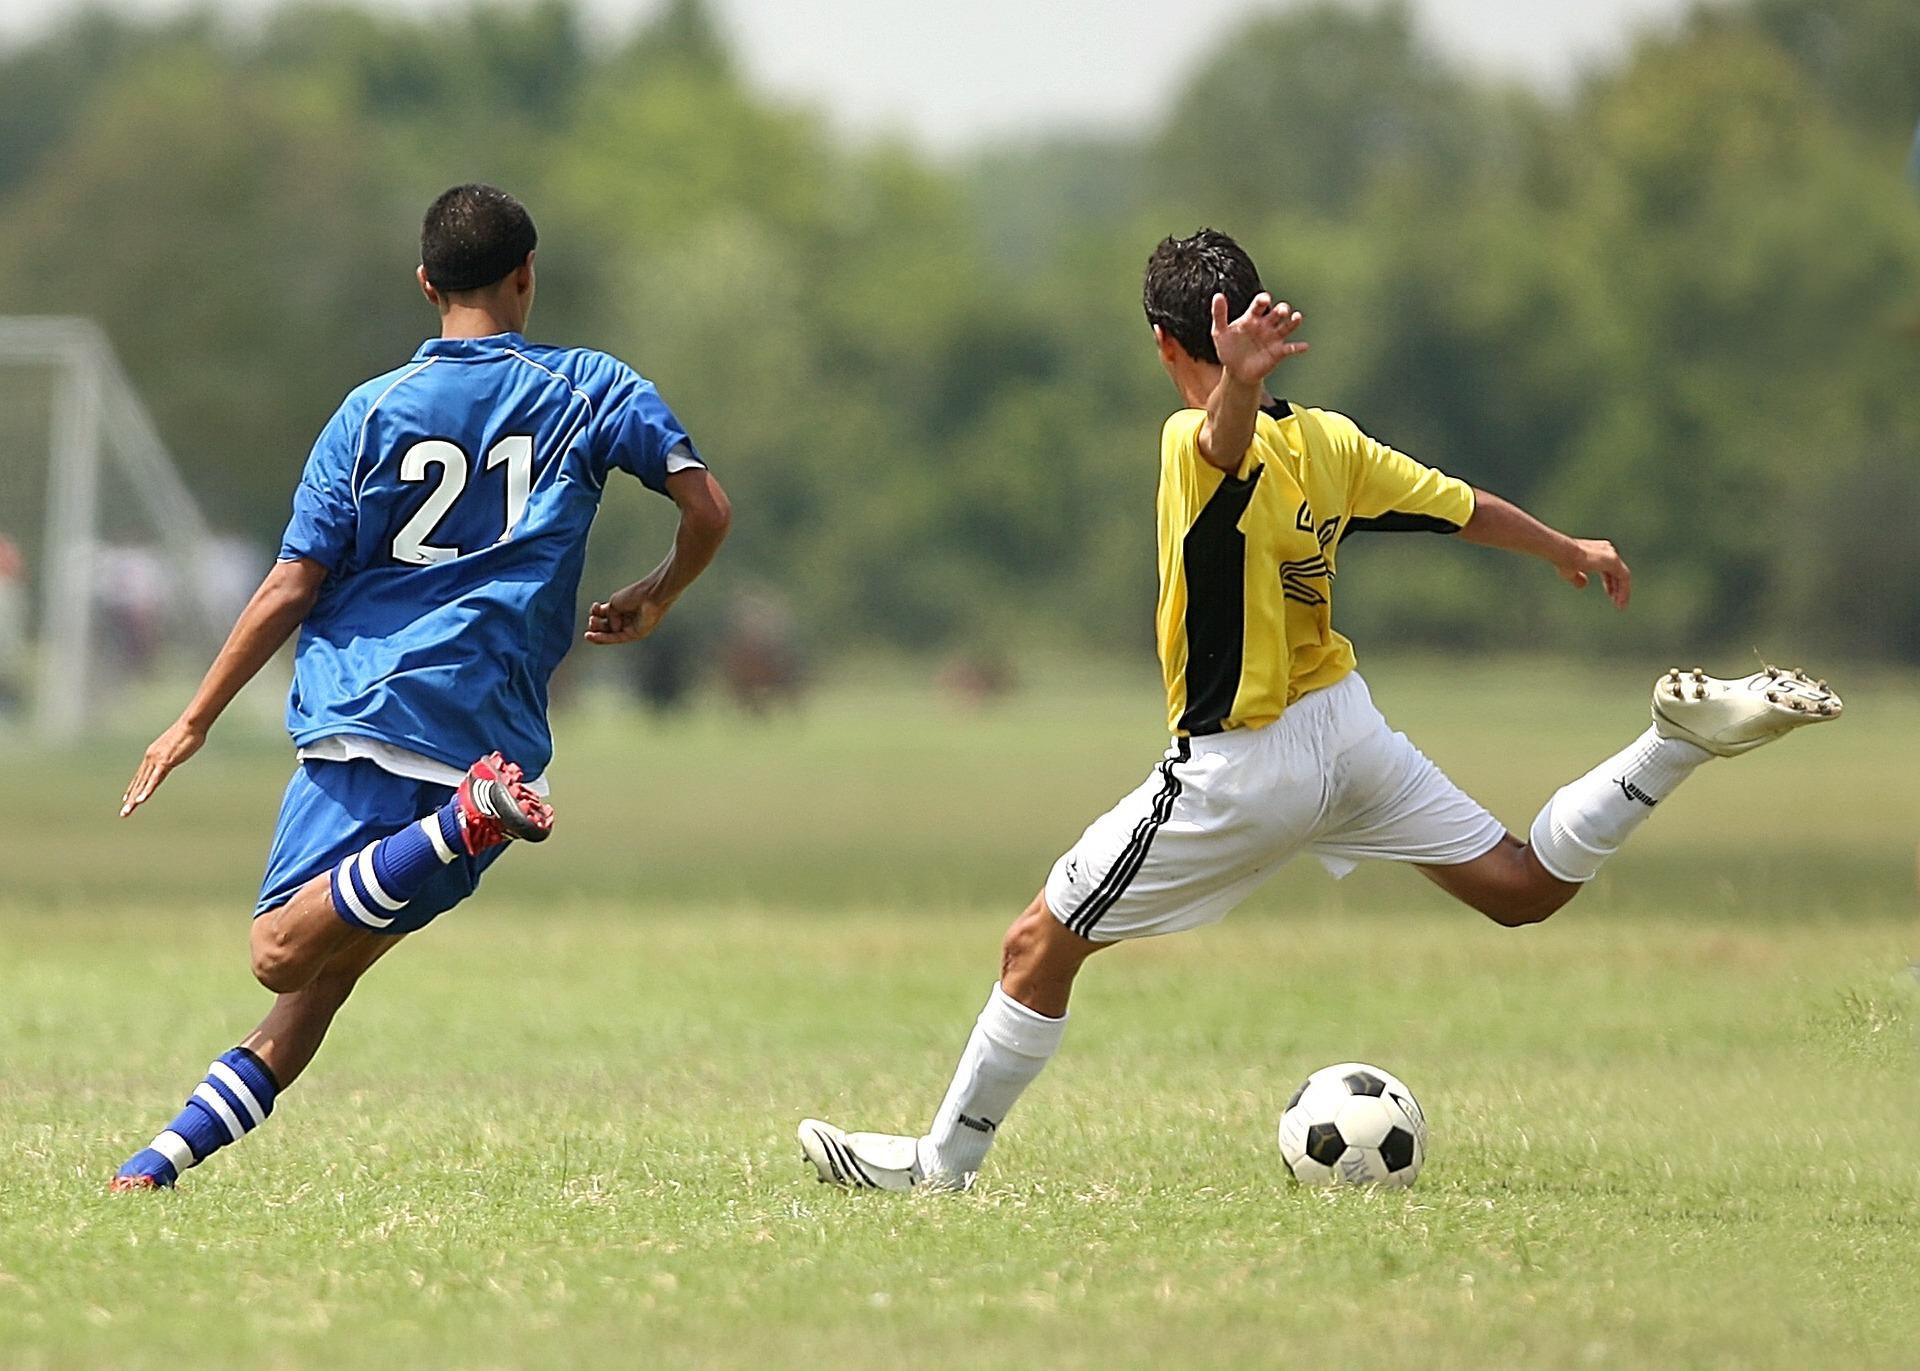 Quels sont les bienfaits des sports collectifs sur la santé ?